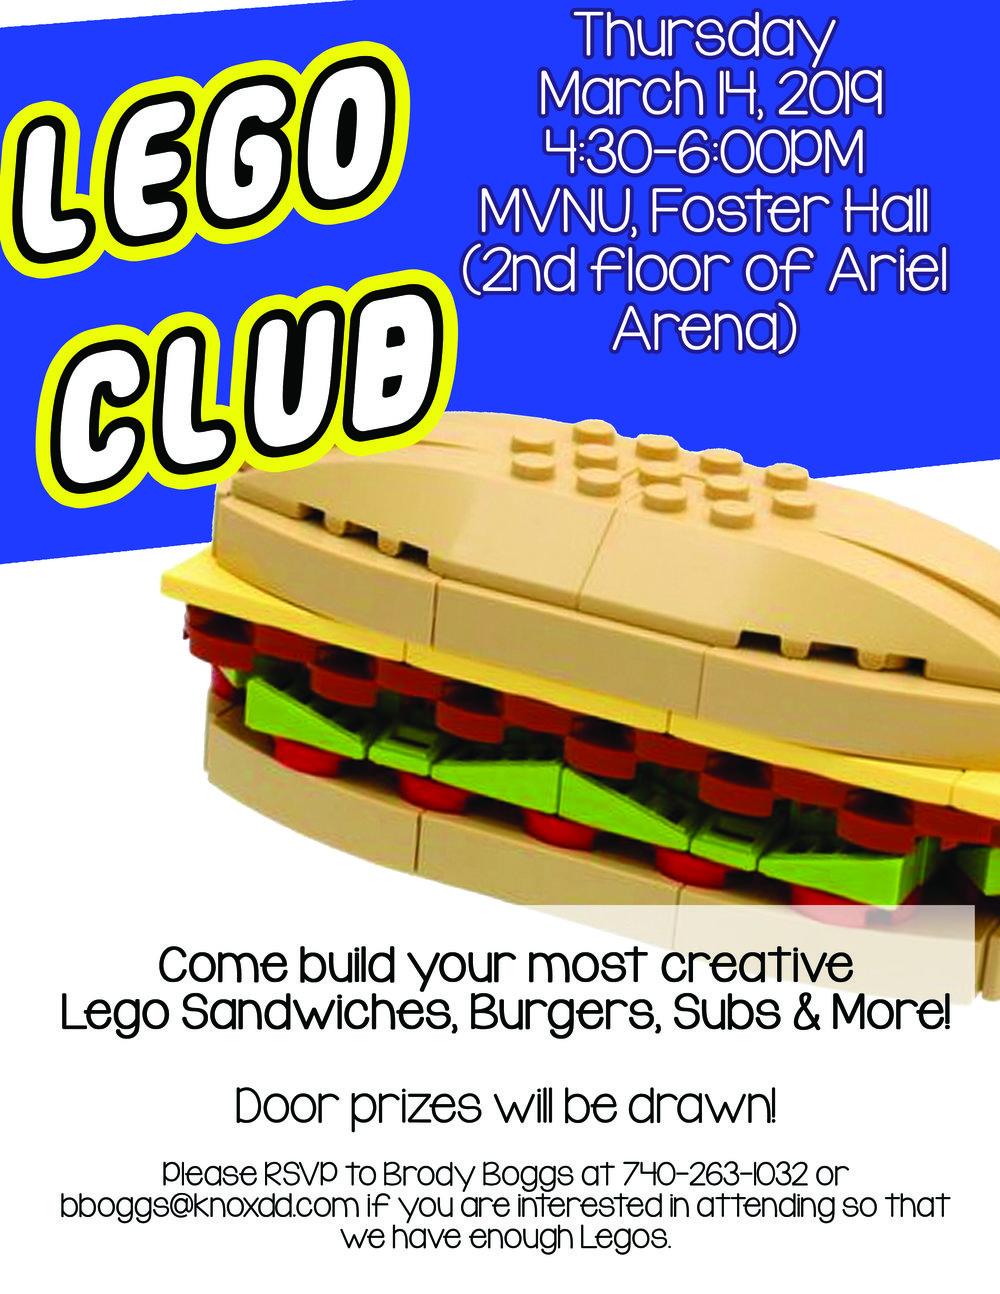 Lego Club flyer March 14.jpg